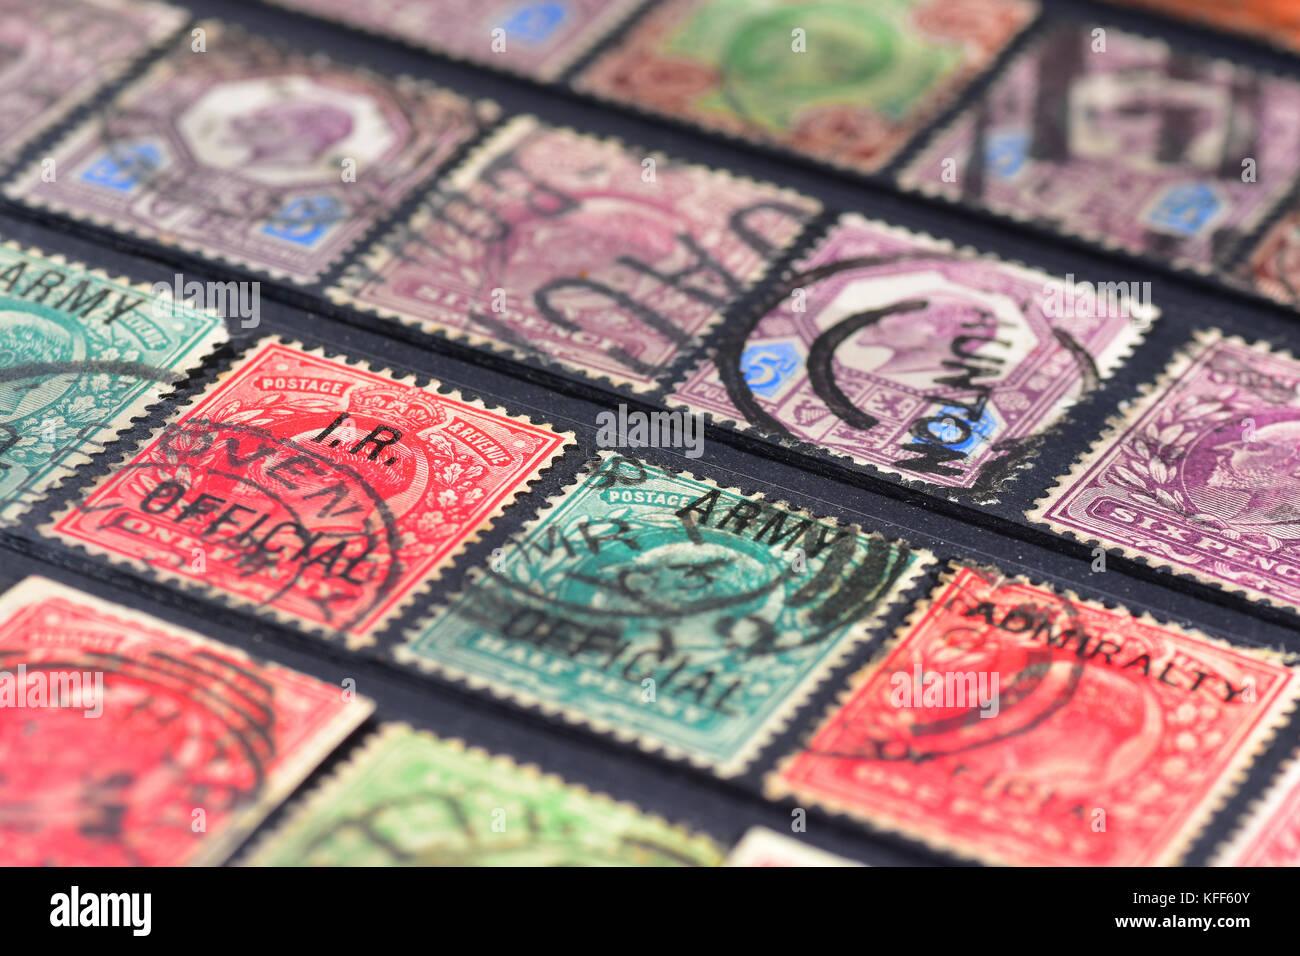 RSVP datant timbres ne fréquentait aucun membre